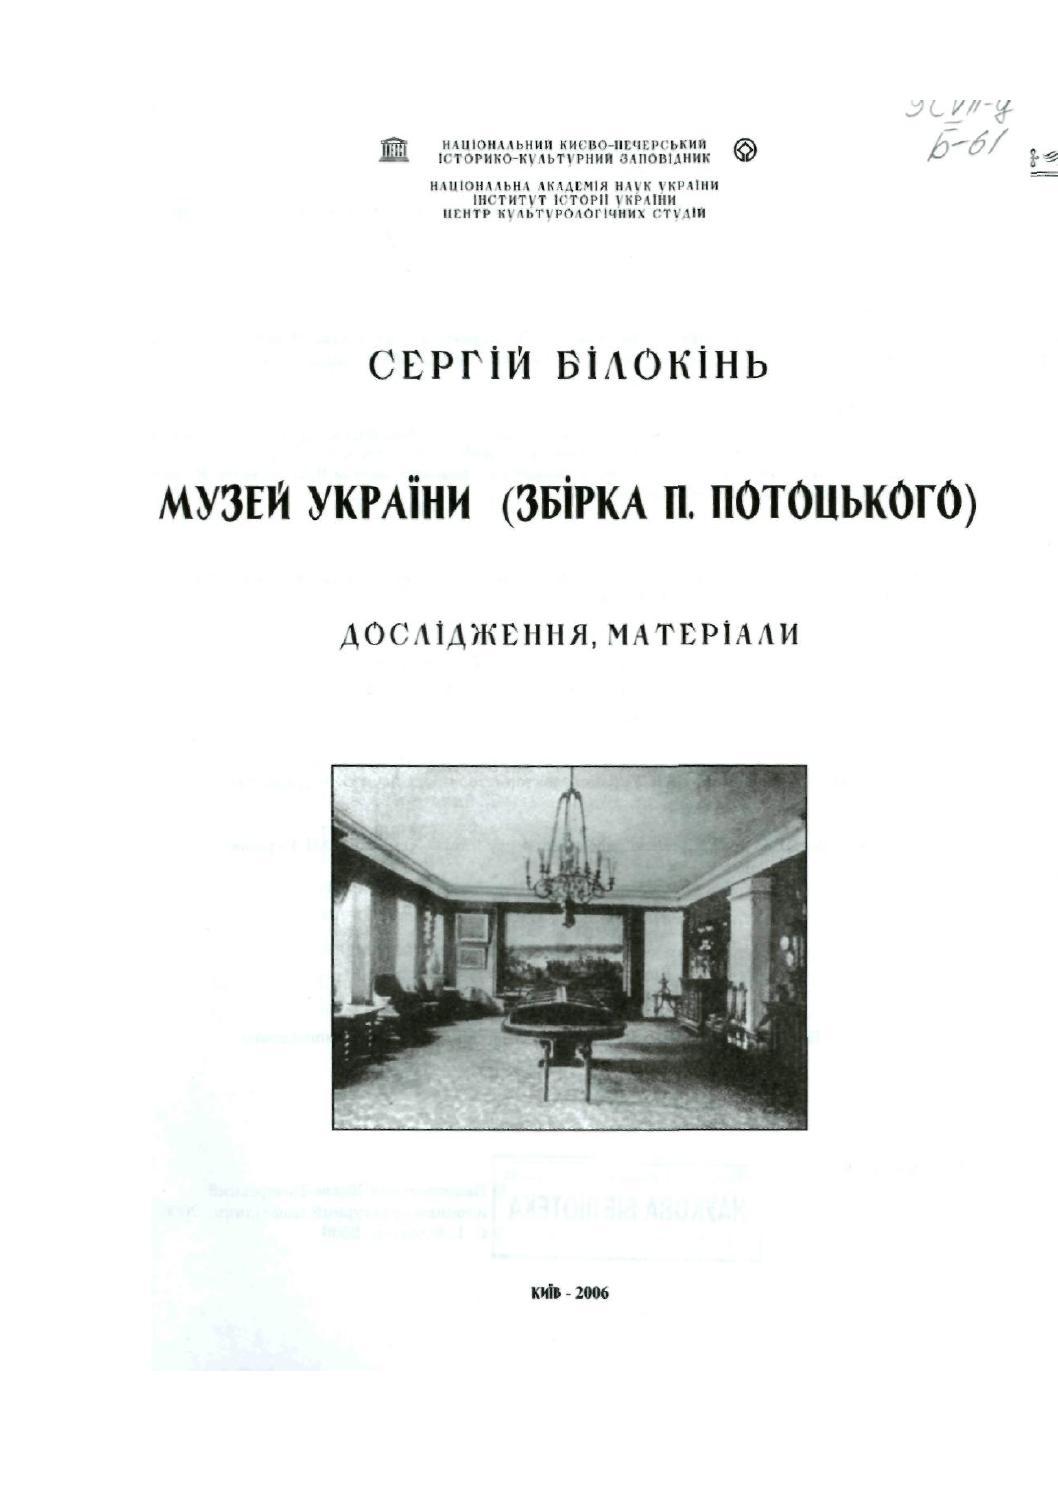 Музей України (Збірка П. Потоцького). Дослідження, матеріали, 2006, Сергій Білокінь